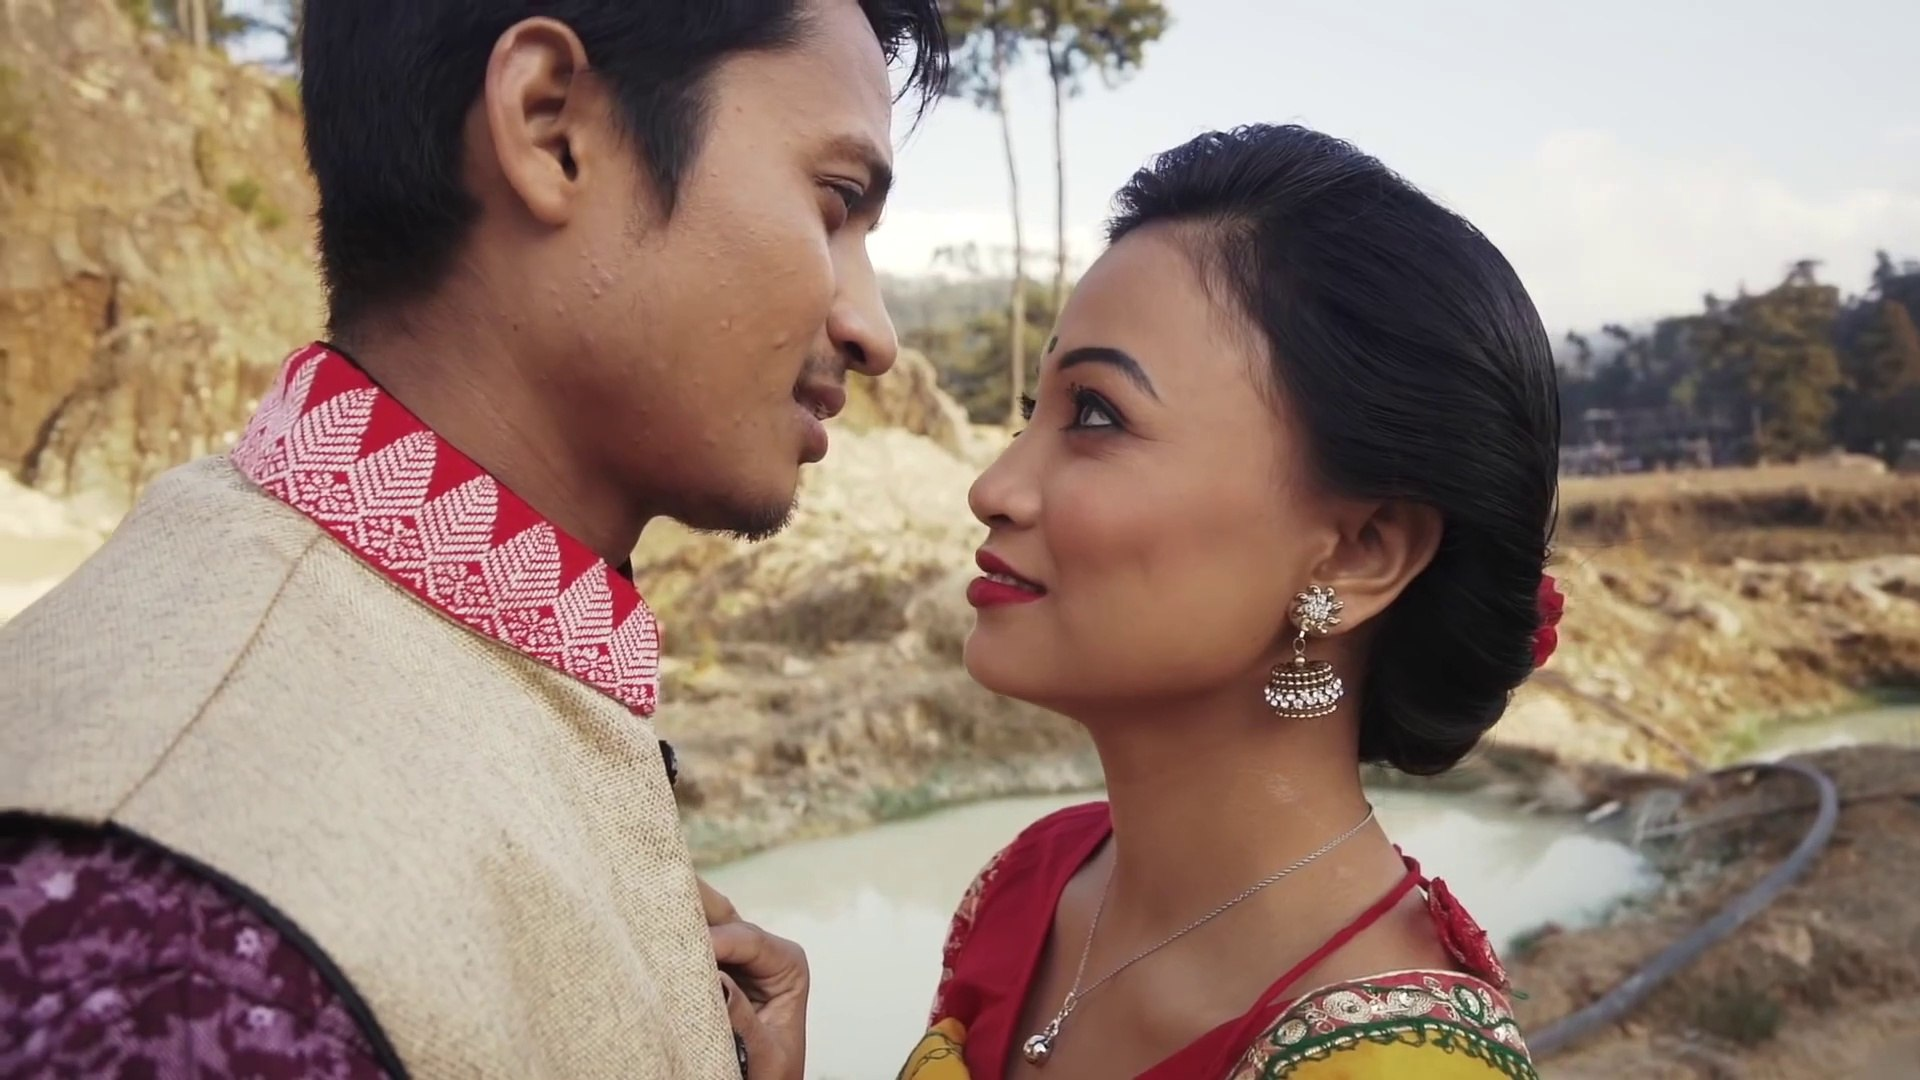 BIRWI BIRWI I Official Song I Kailash Porox Feat. Heema Basumatary I Bodo Song 2019 ( 1080 X 1920 )